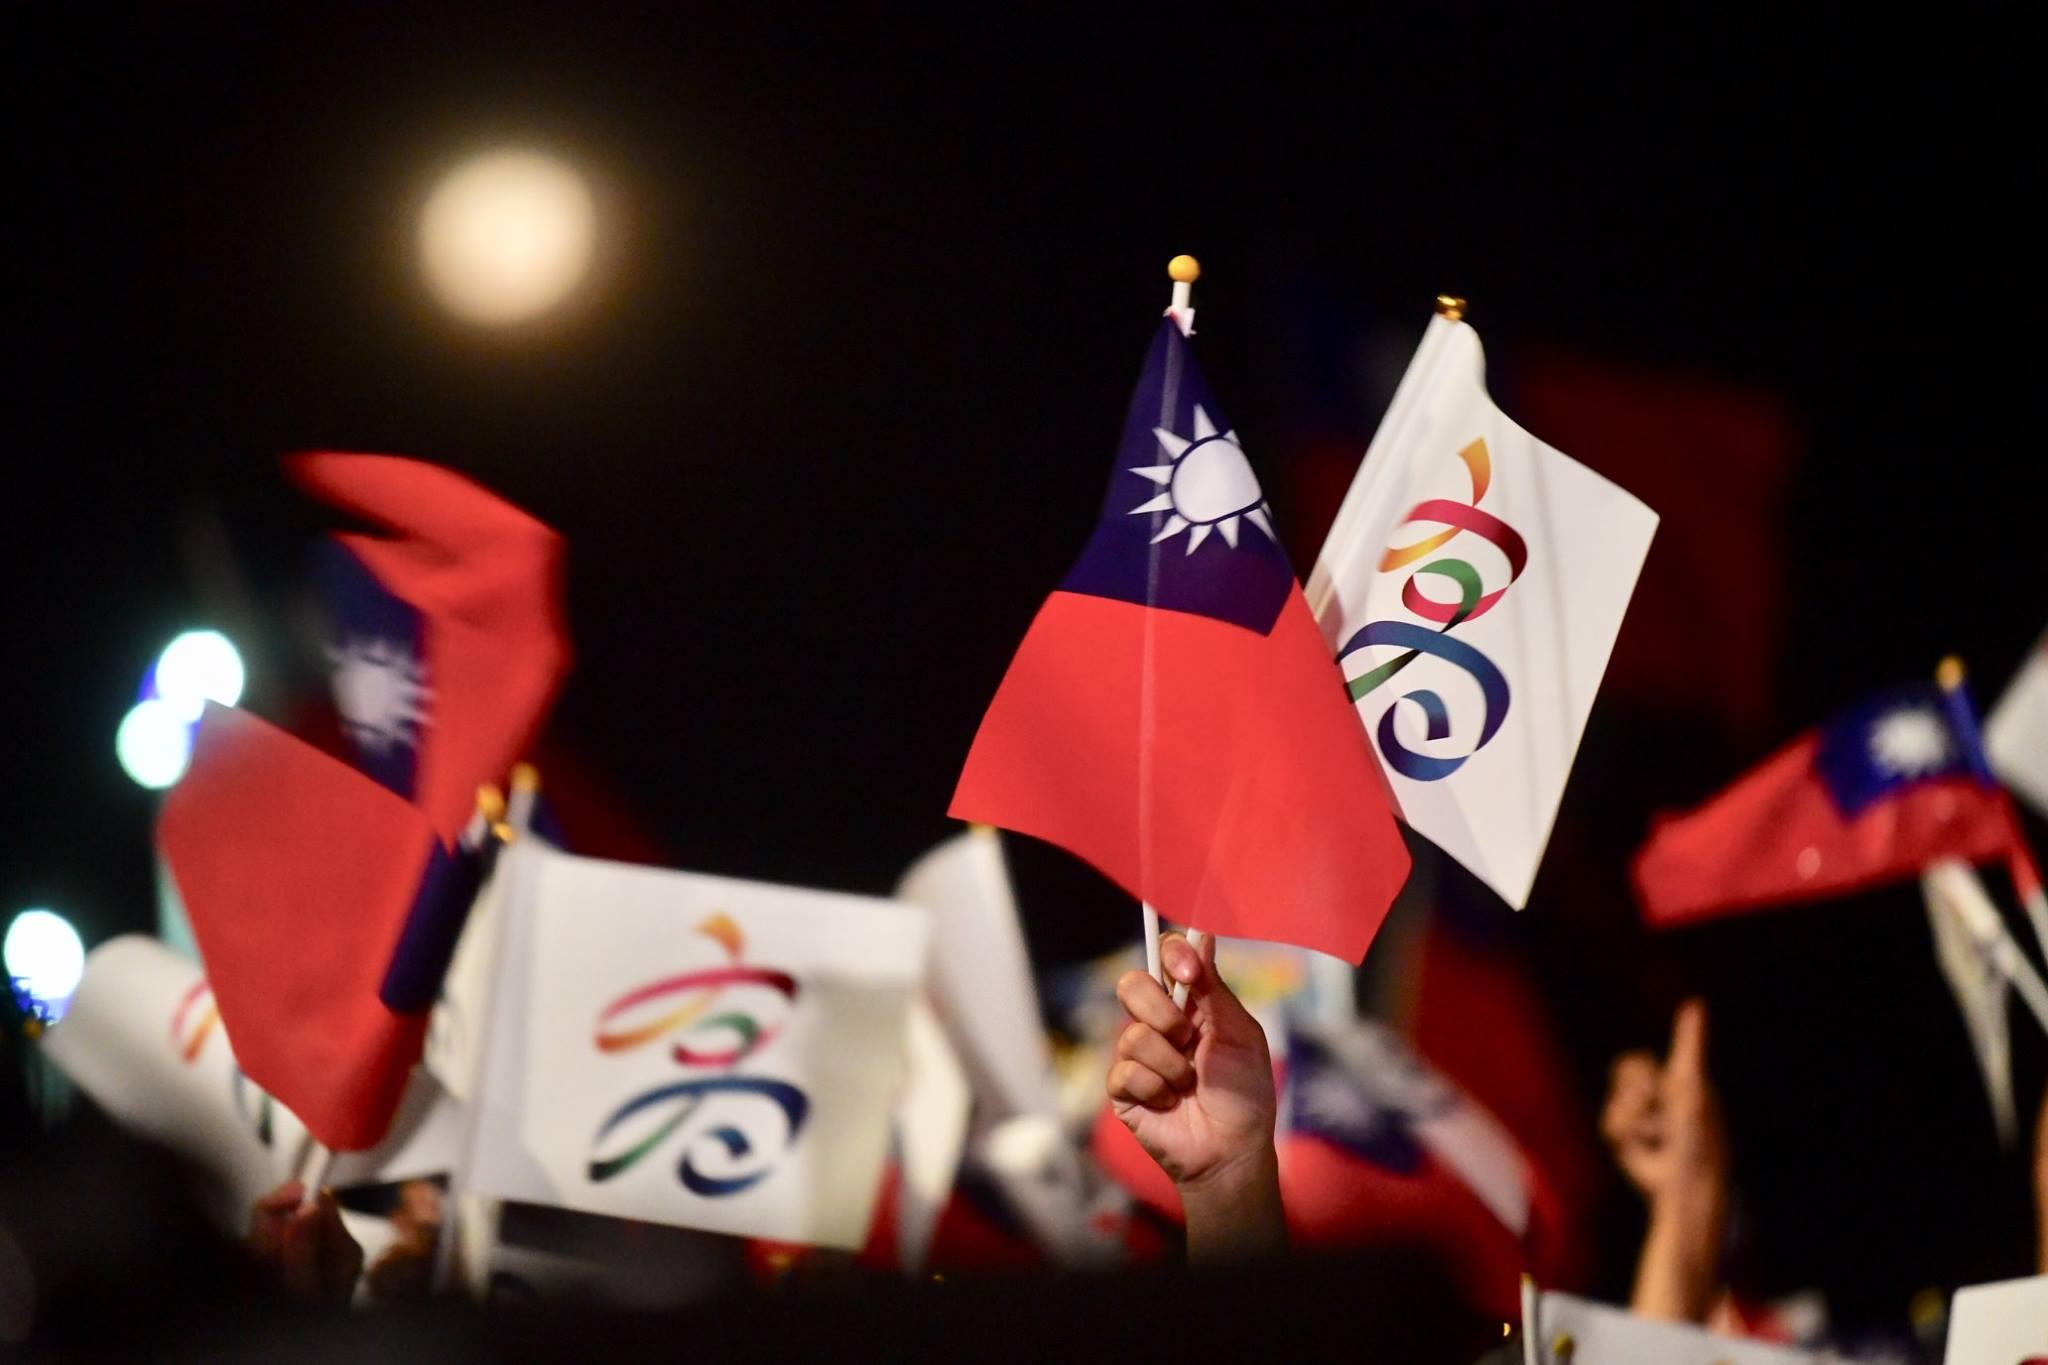 高雄鳳山也有「韓流」吹不進的里?選舉地圖看2018大選孤島選區